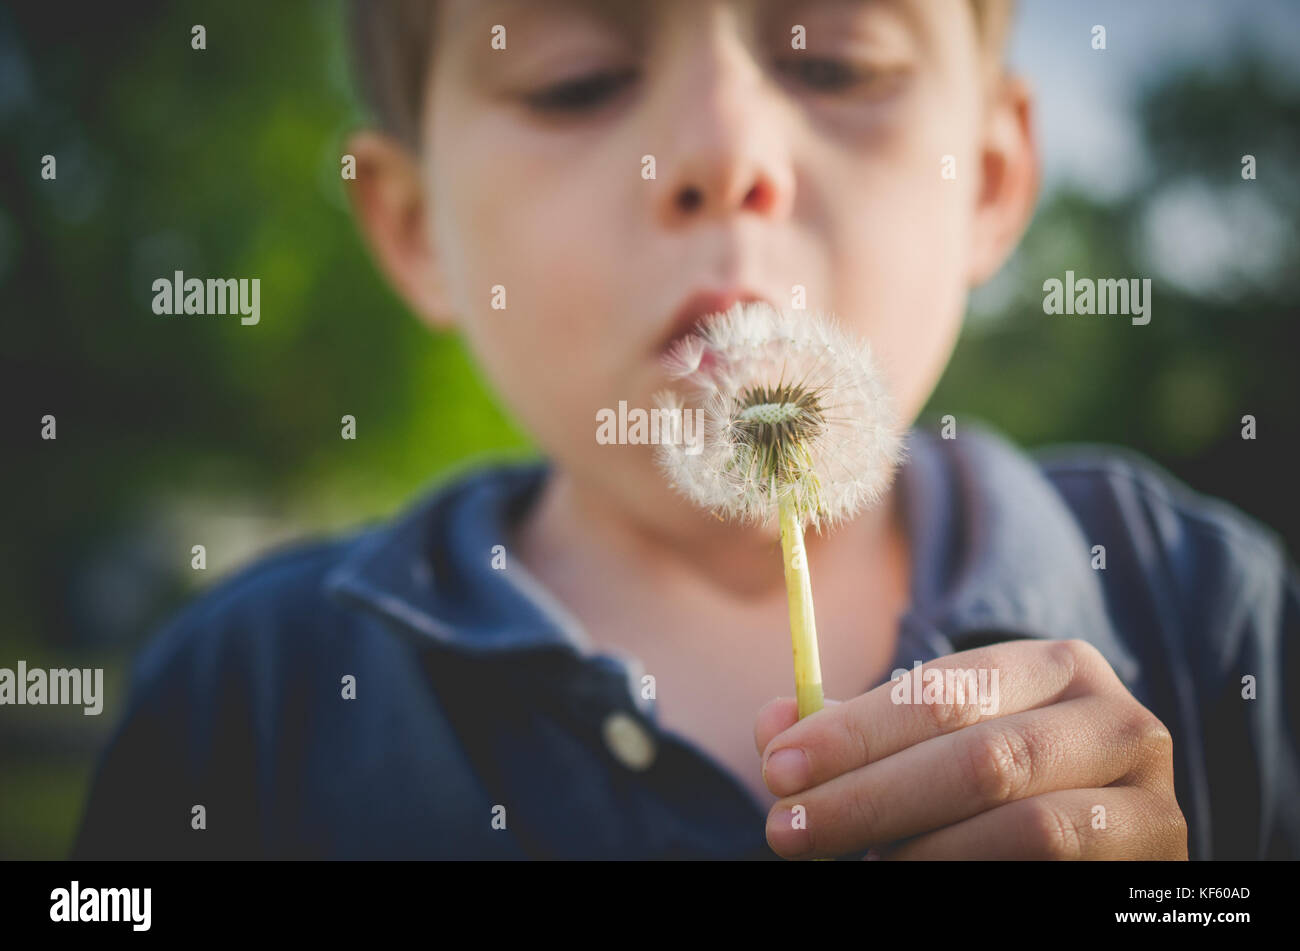 6-7 años de edad soplando jaramago Imagen De Stock